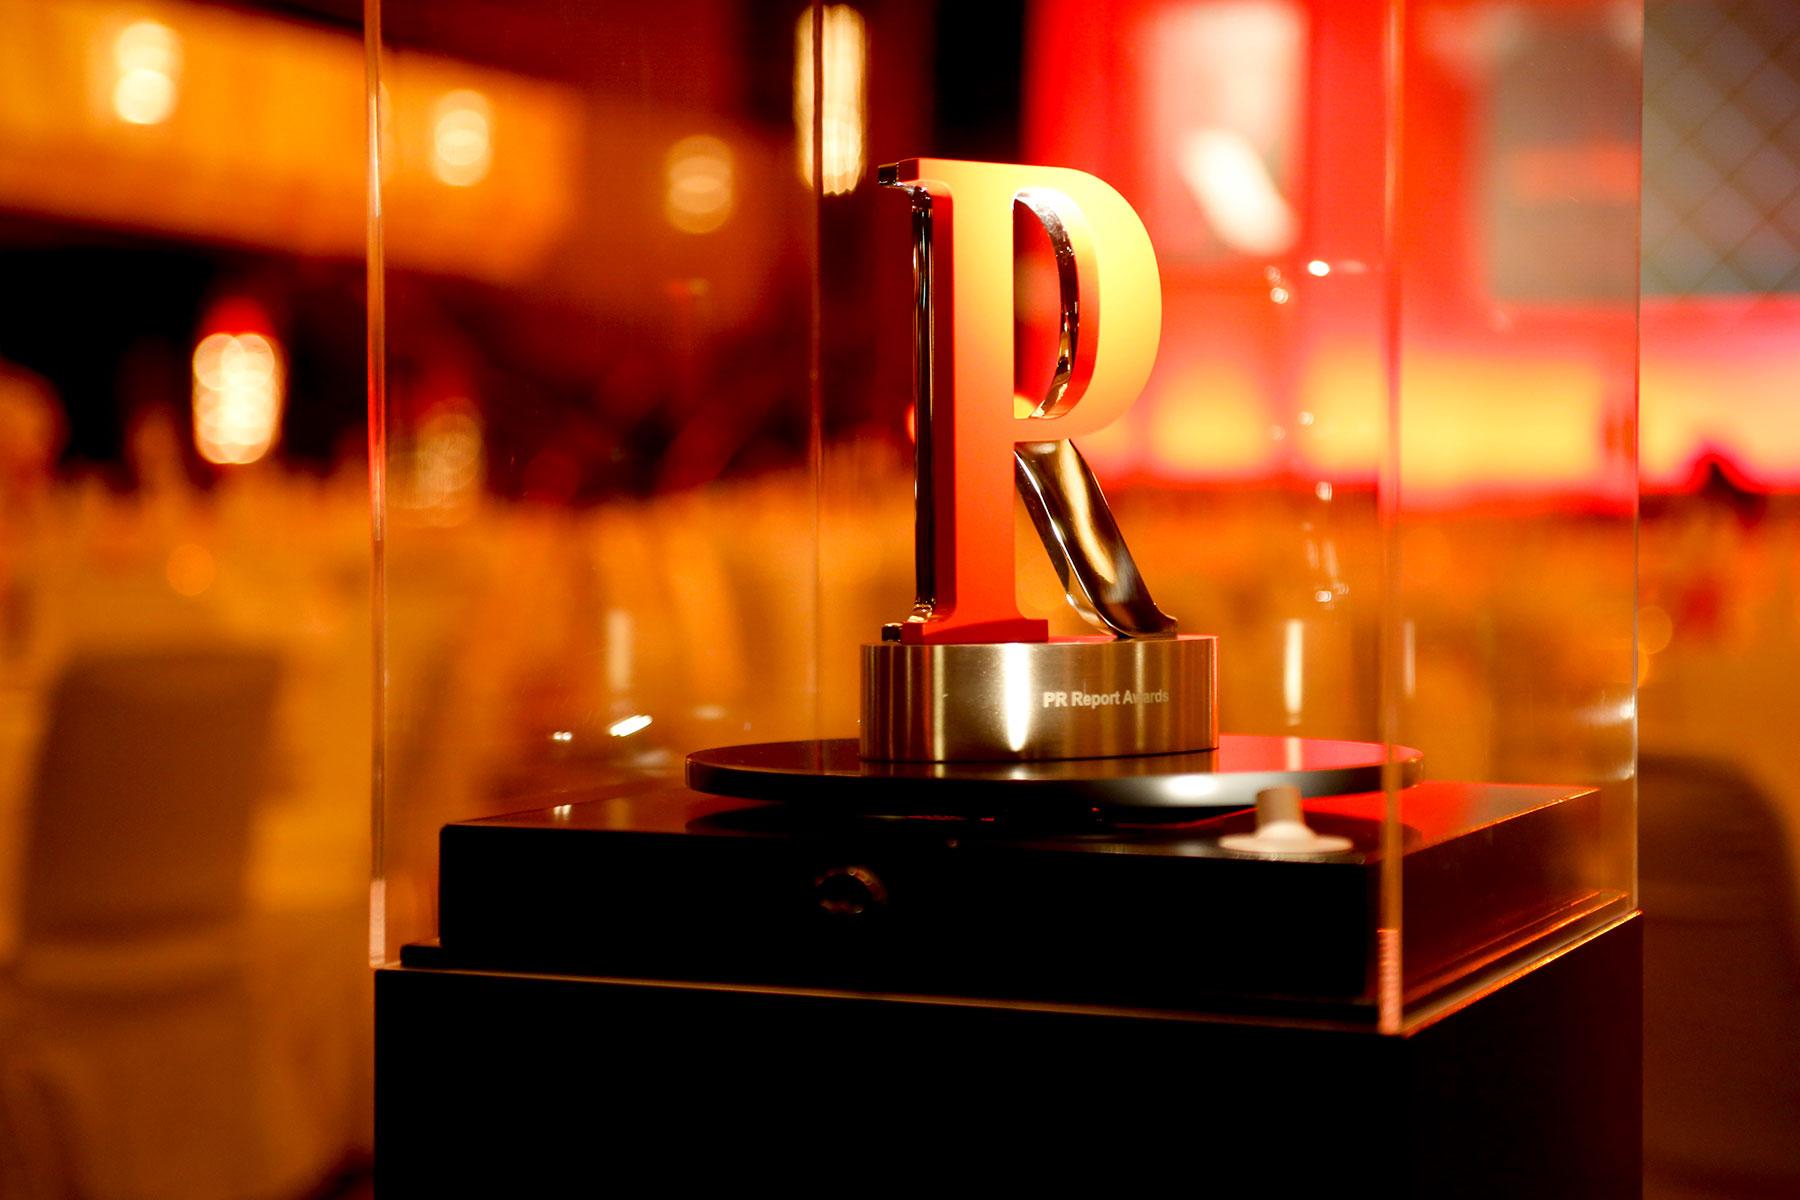 Abbildung des PR Report Awards. Werbeagentur Schleiner + Partner nominiert in der Kategorie Technologie